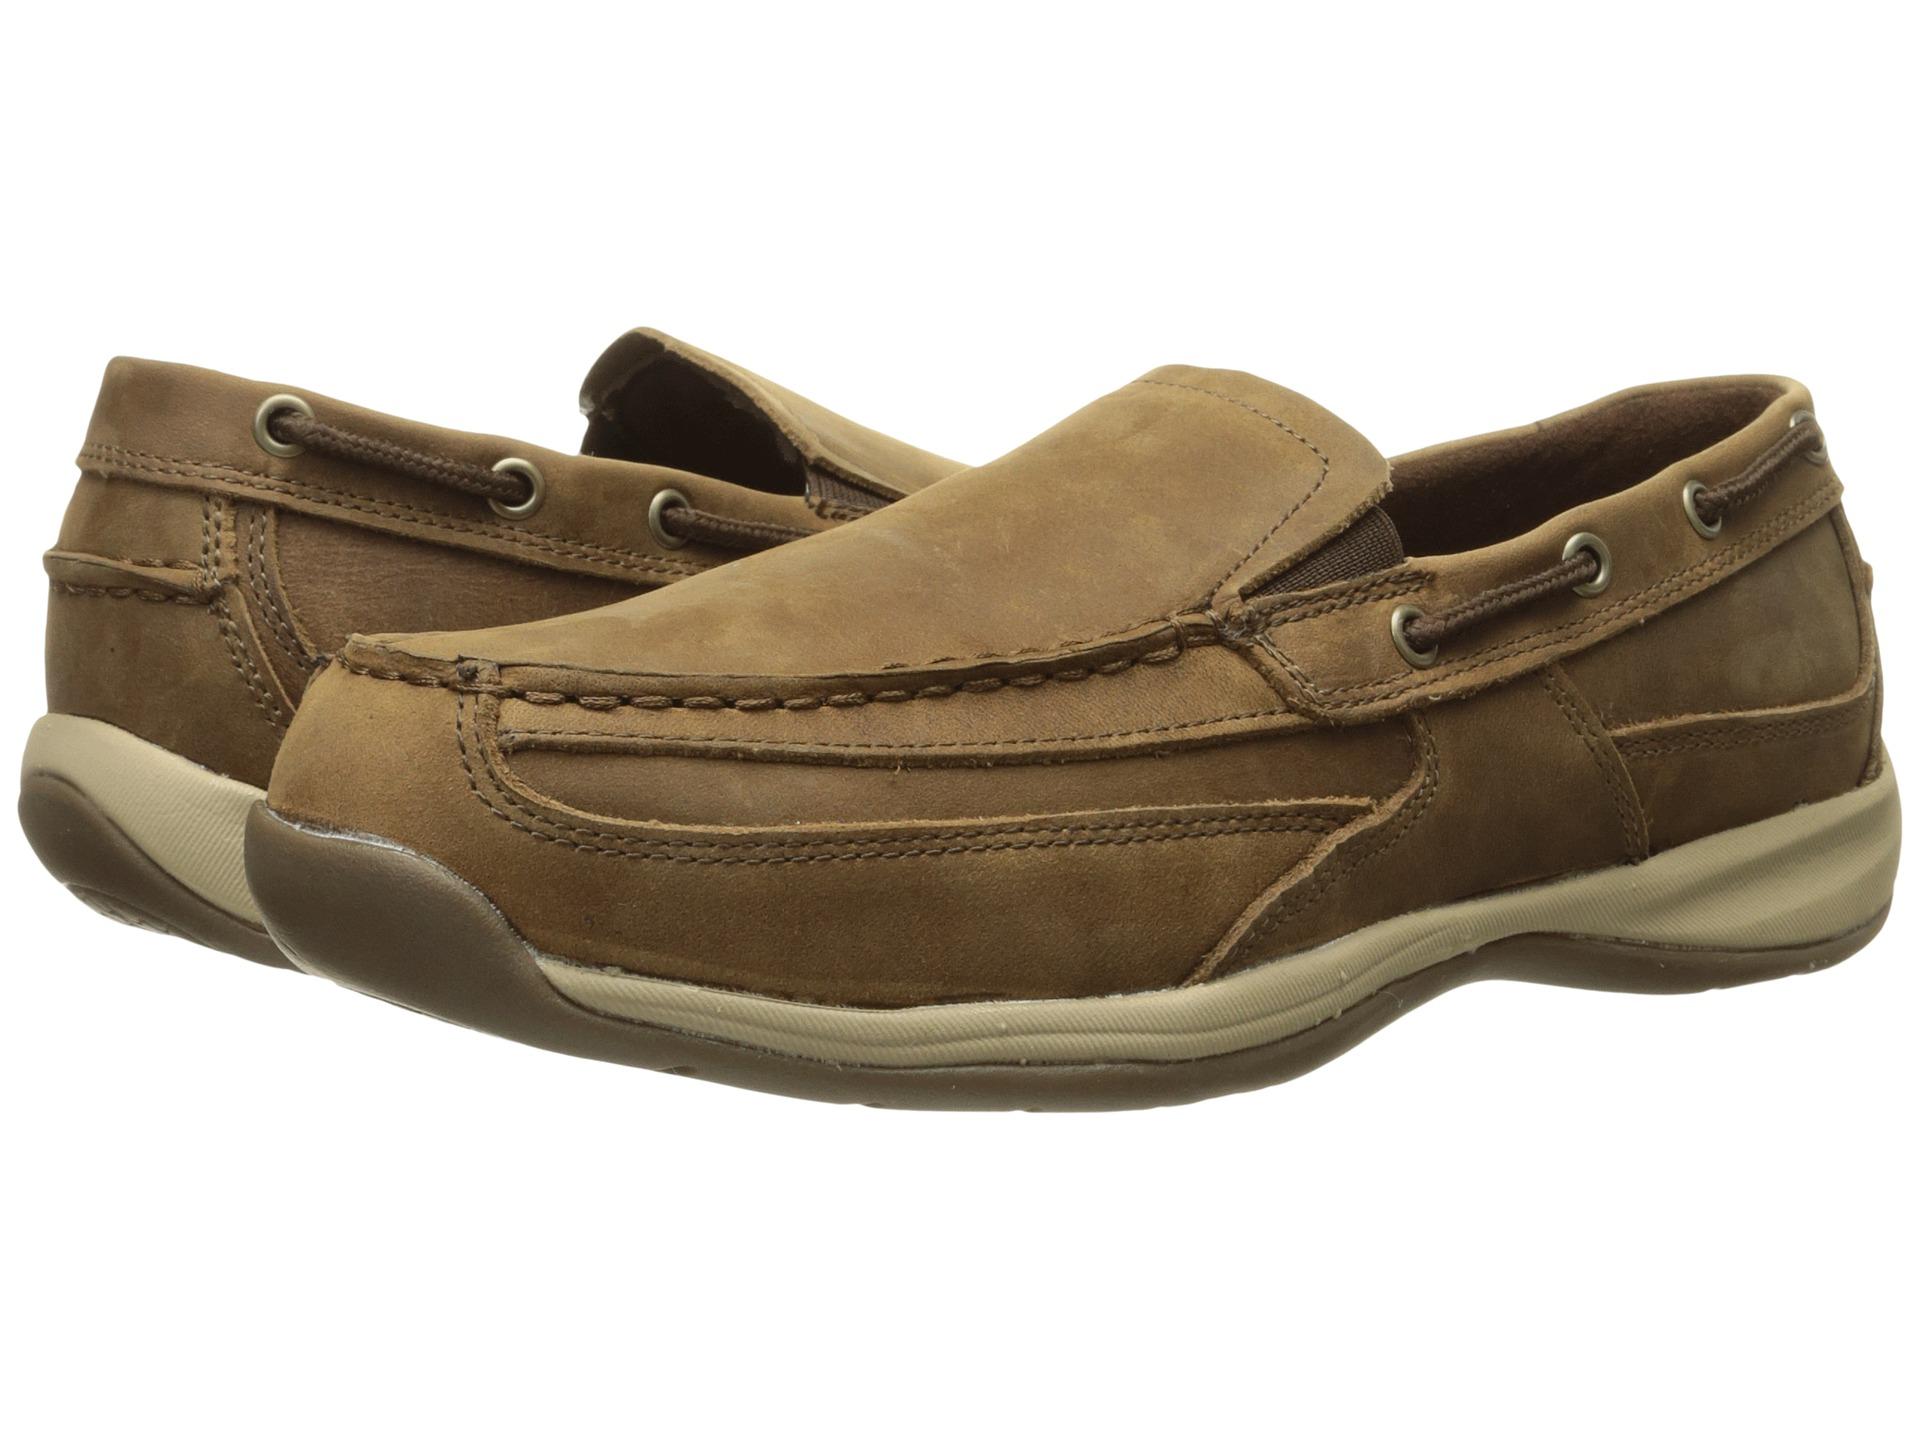 Rockport Boat Shoes Men Images Leather Formal